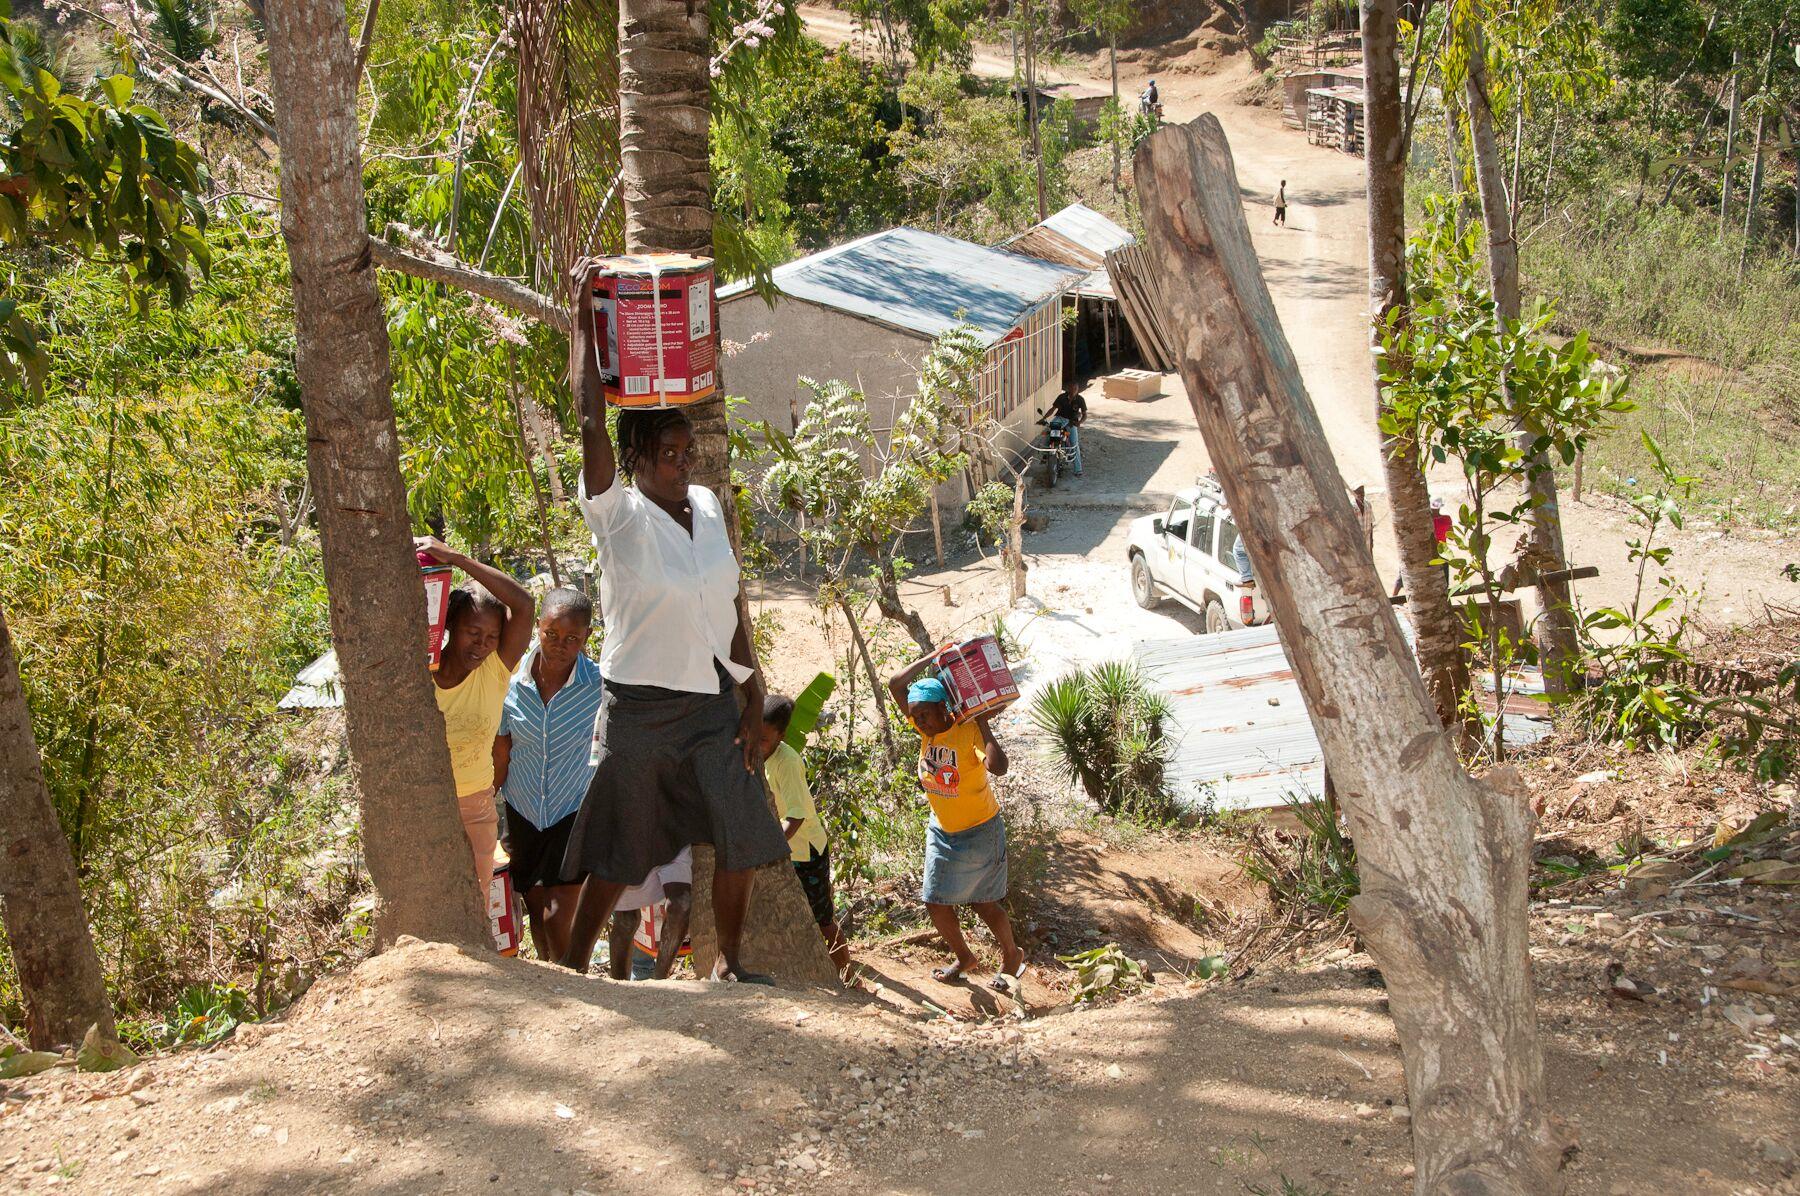 haiti 2012.jpeg